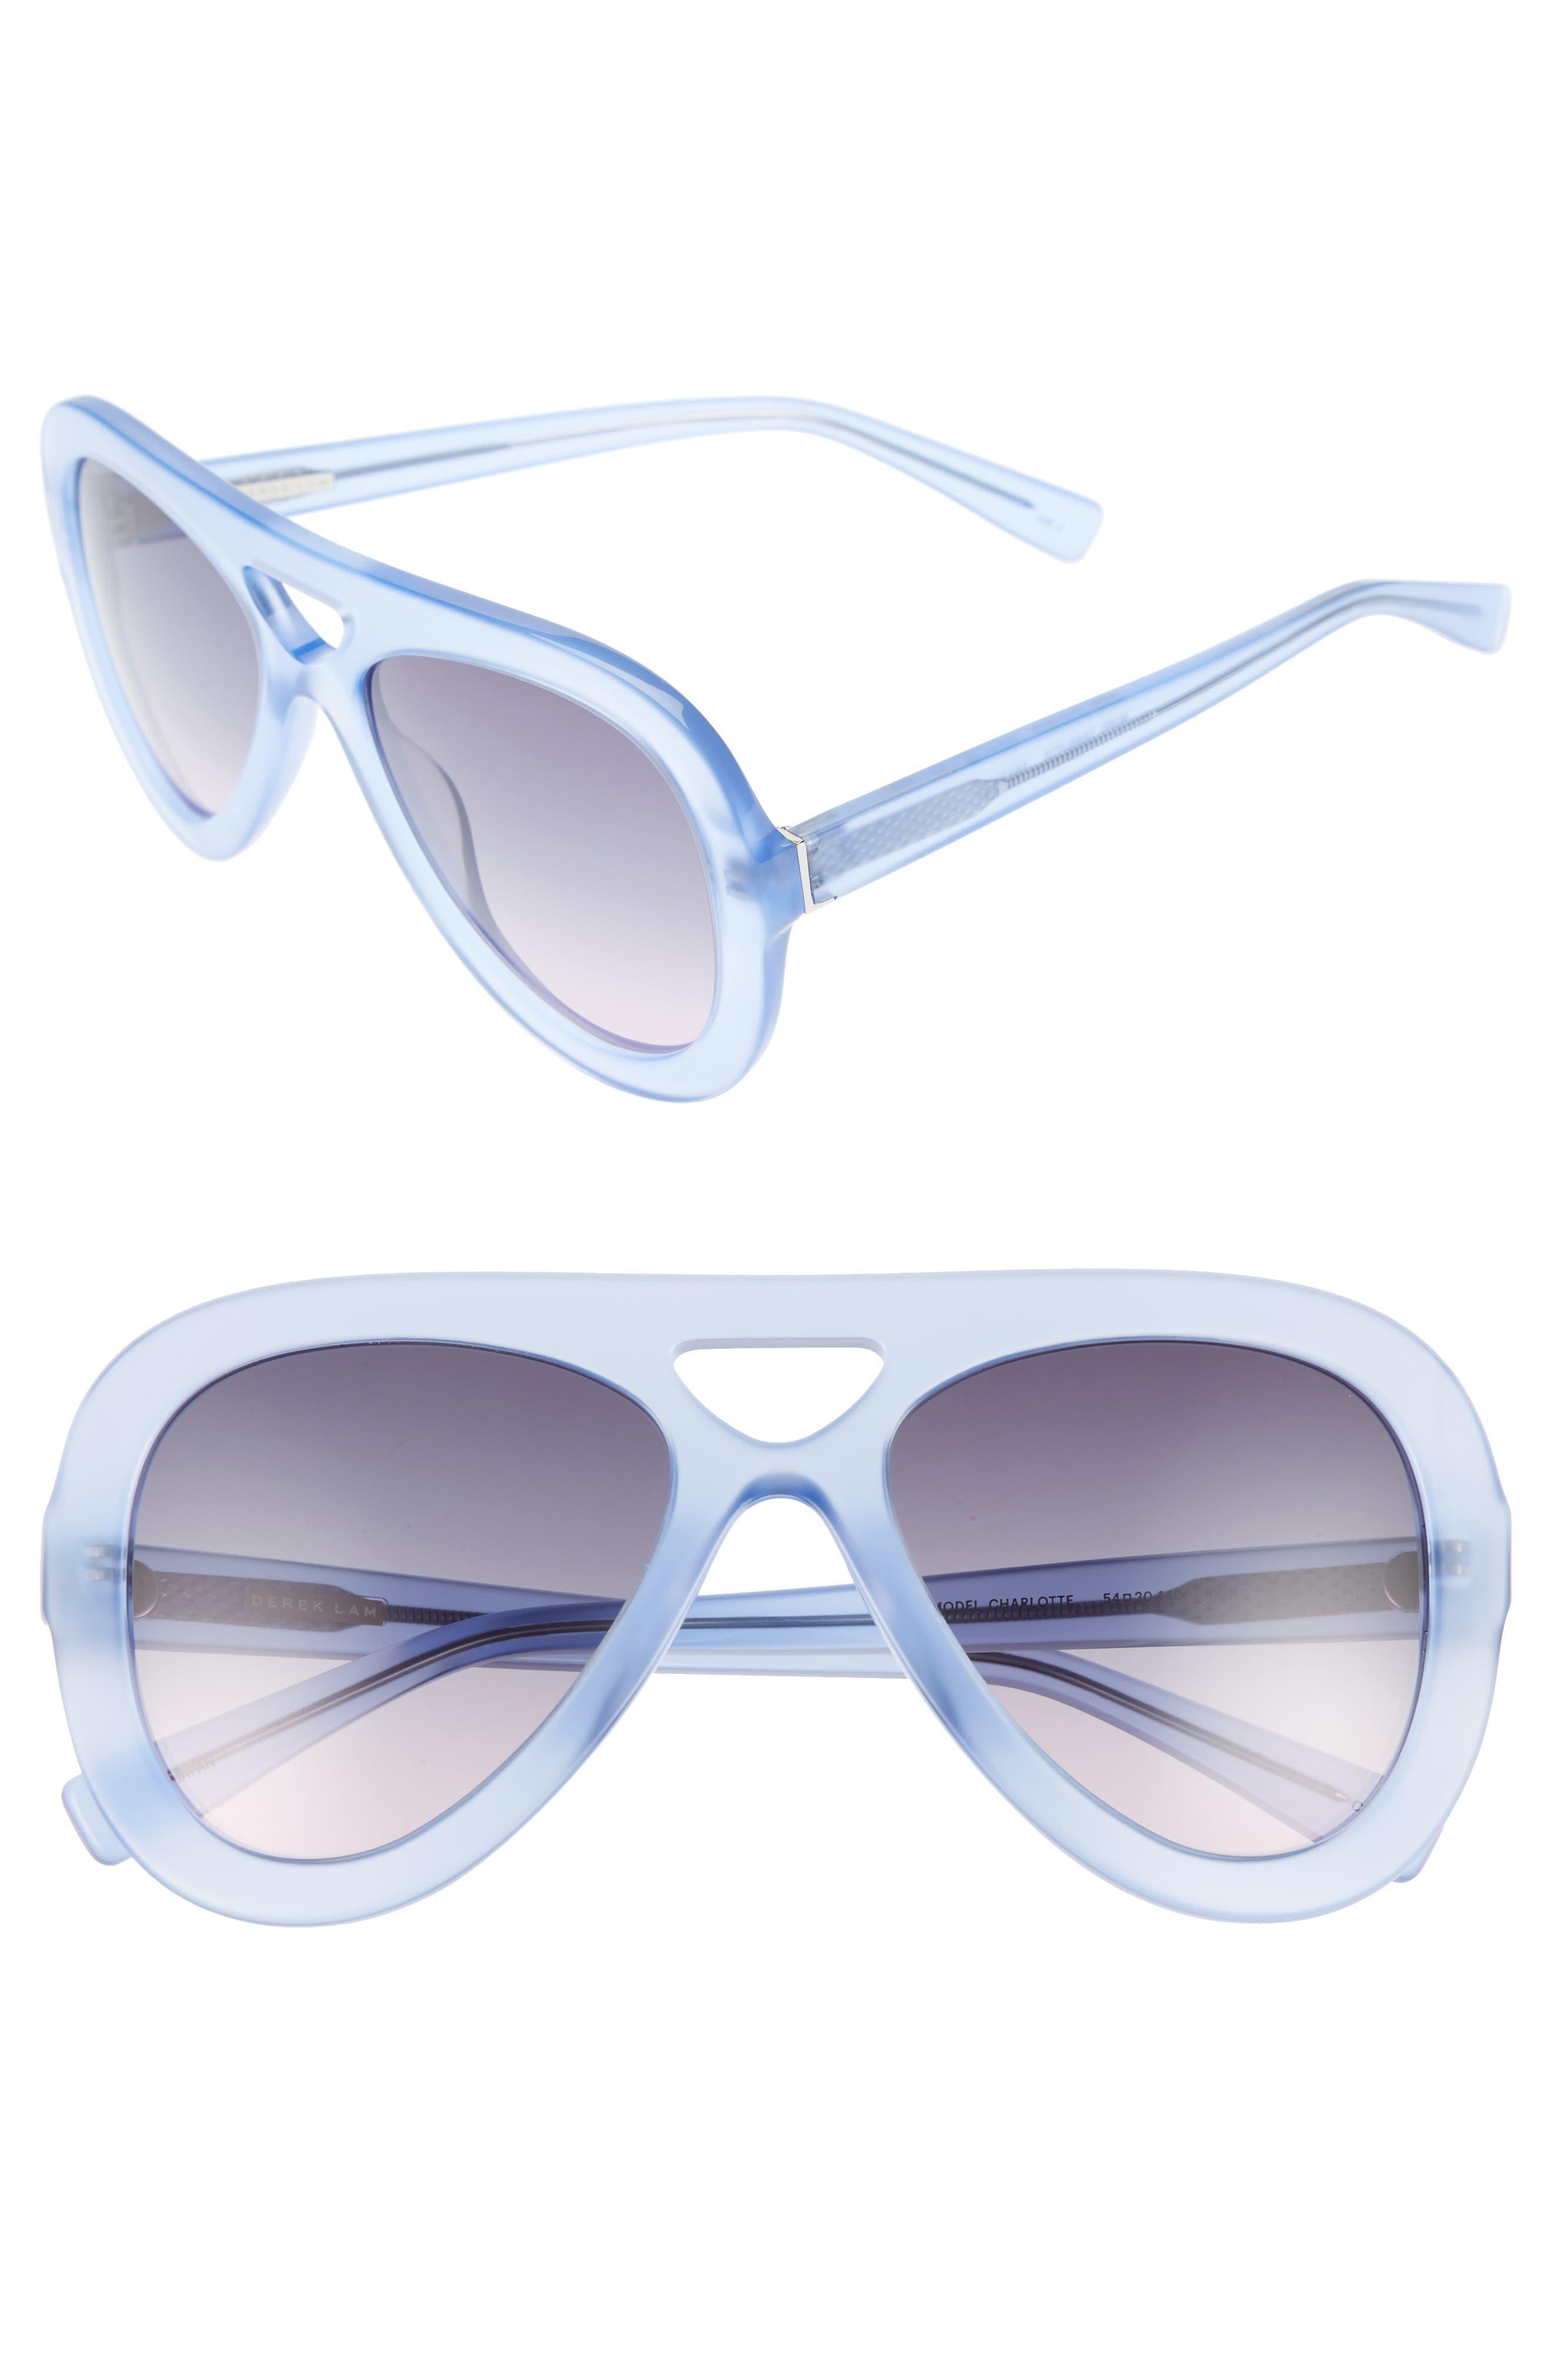 54mm Aviator Sunglasses,                             Main thumbnail 1, color,                             IRIS